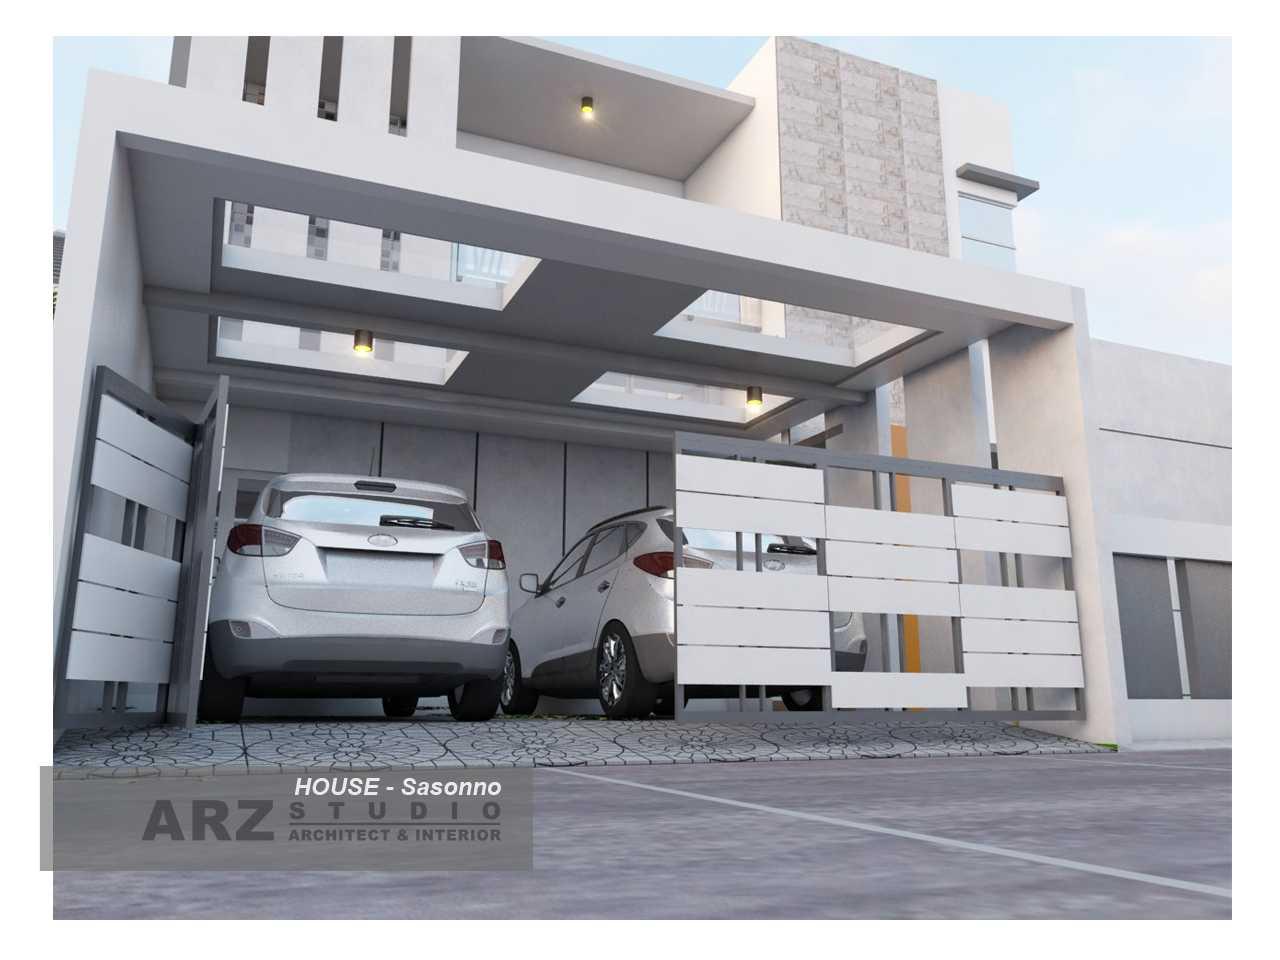 Arz Studio Desain Rumah Di Posisi Hook Malang, Kota Malang, Jawa Timur, Indonesia Malang, Kota Malang, Jawa Timur, Indonesia Arz-Studio-Desain-Rumah-Di-Posisi-Hook   66430